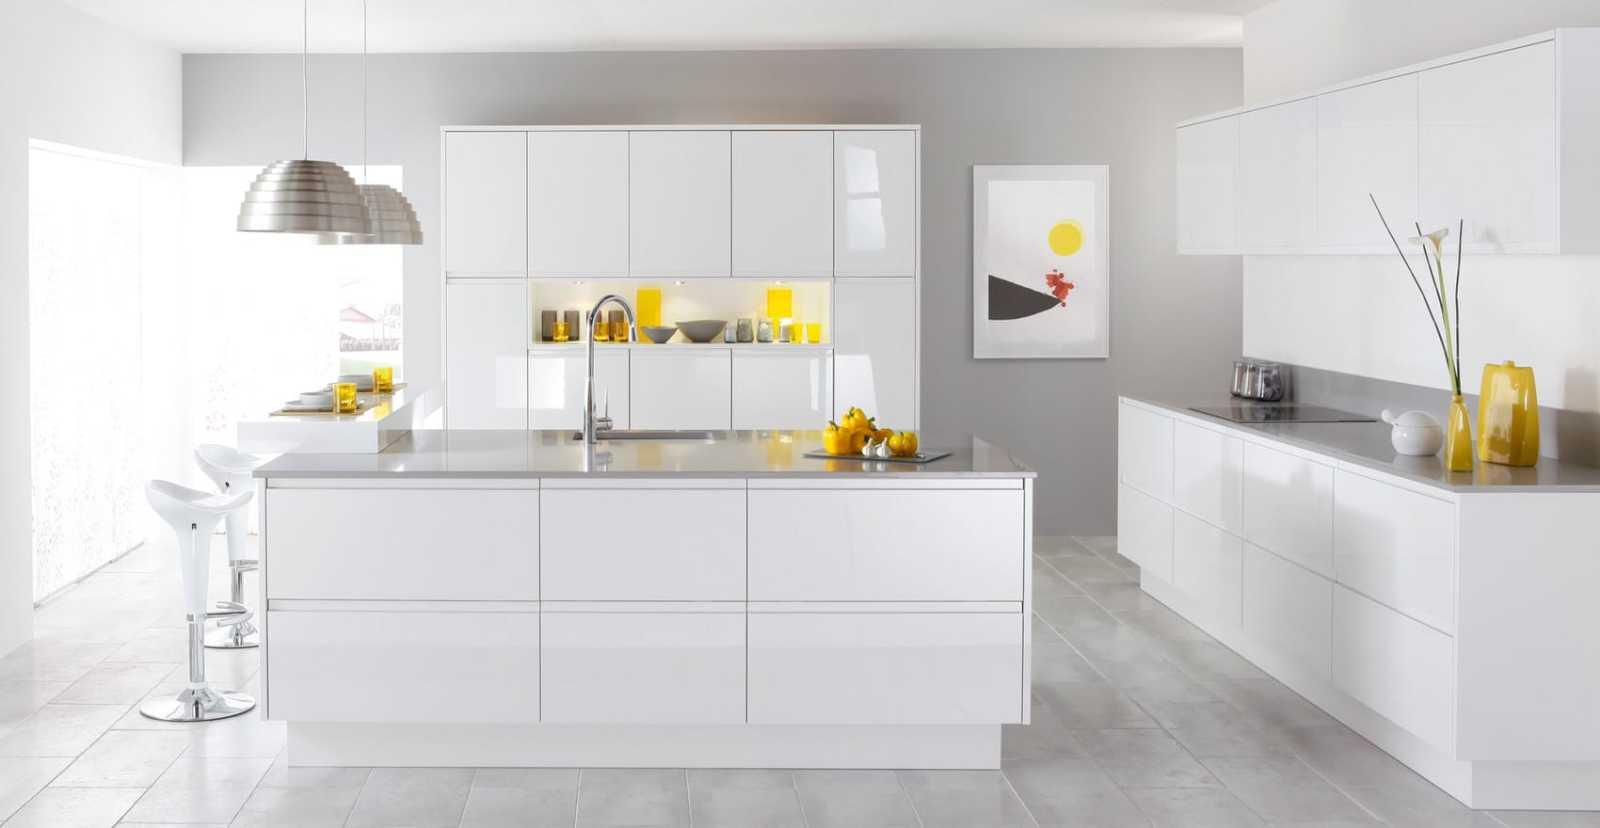 Consejos prácticos para diseñar cocinas